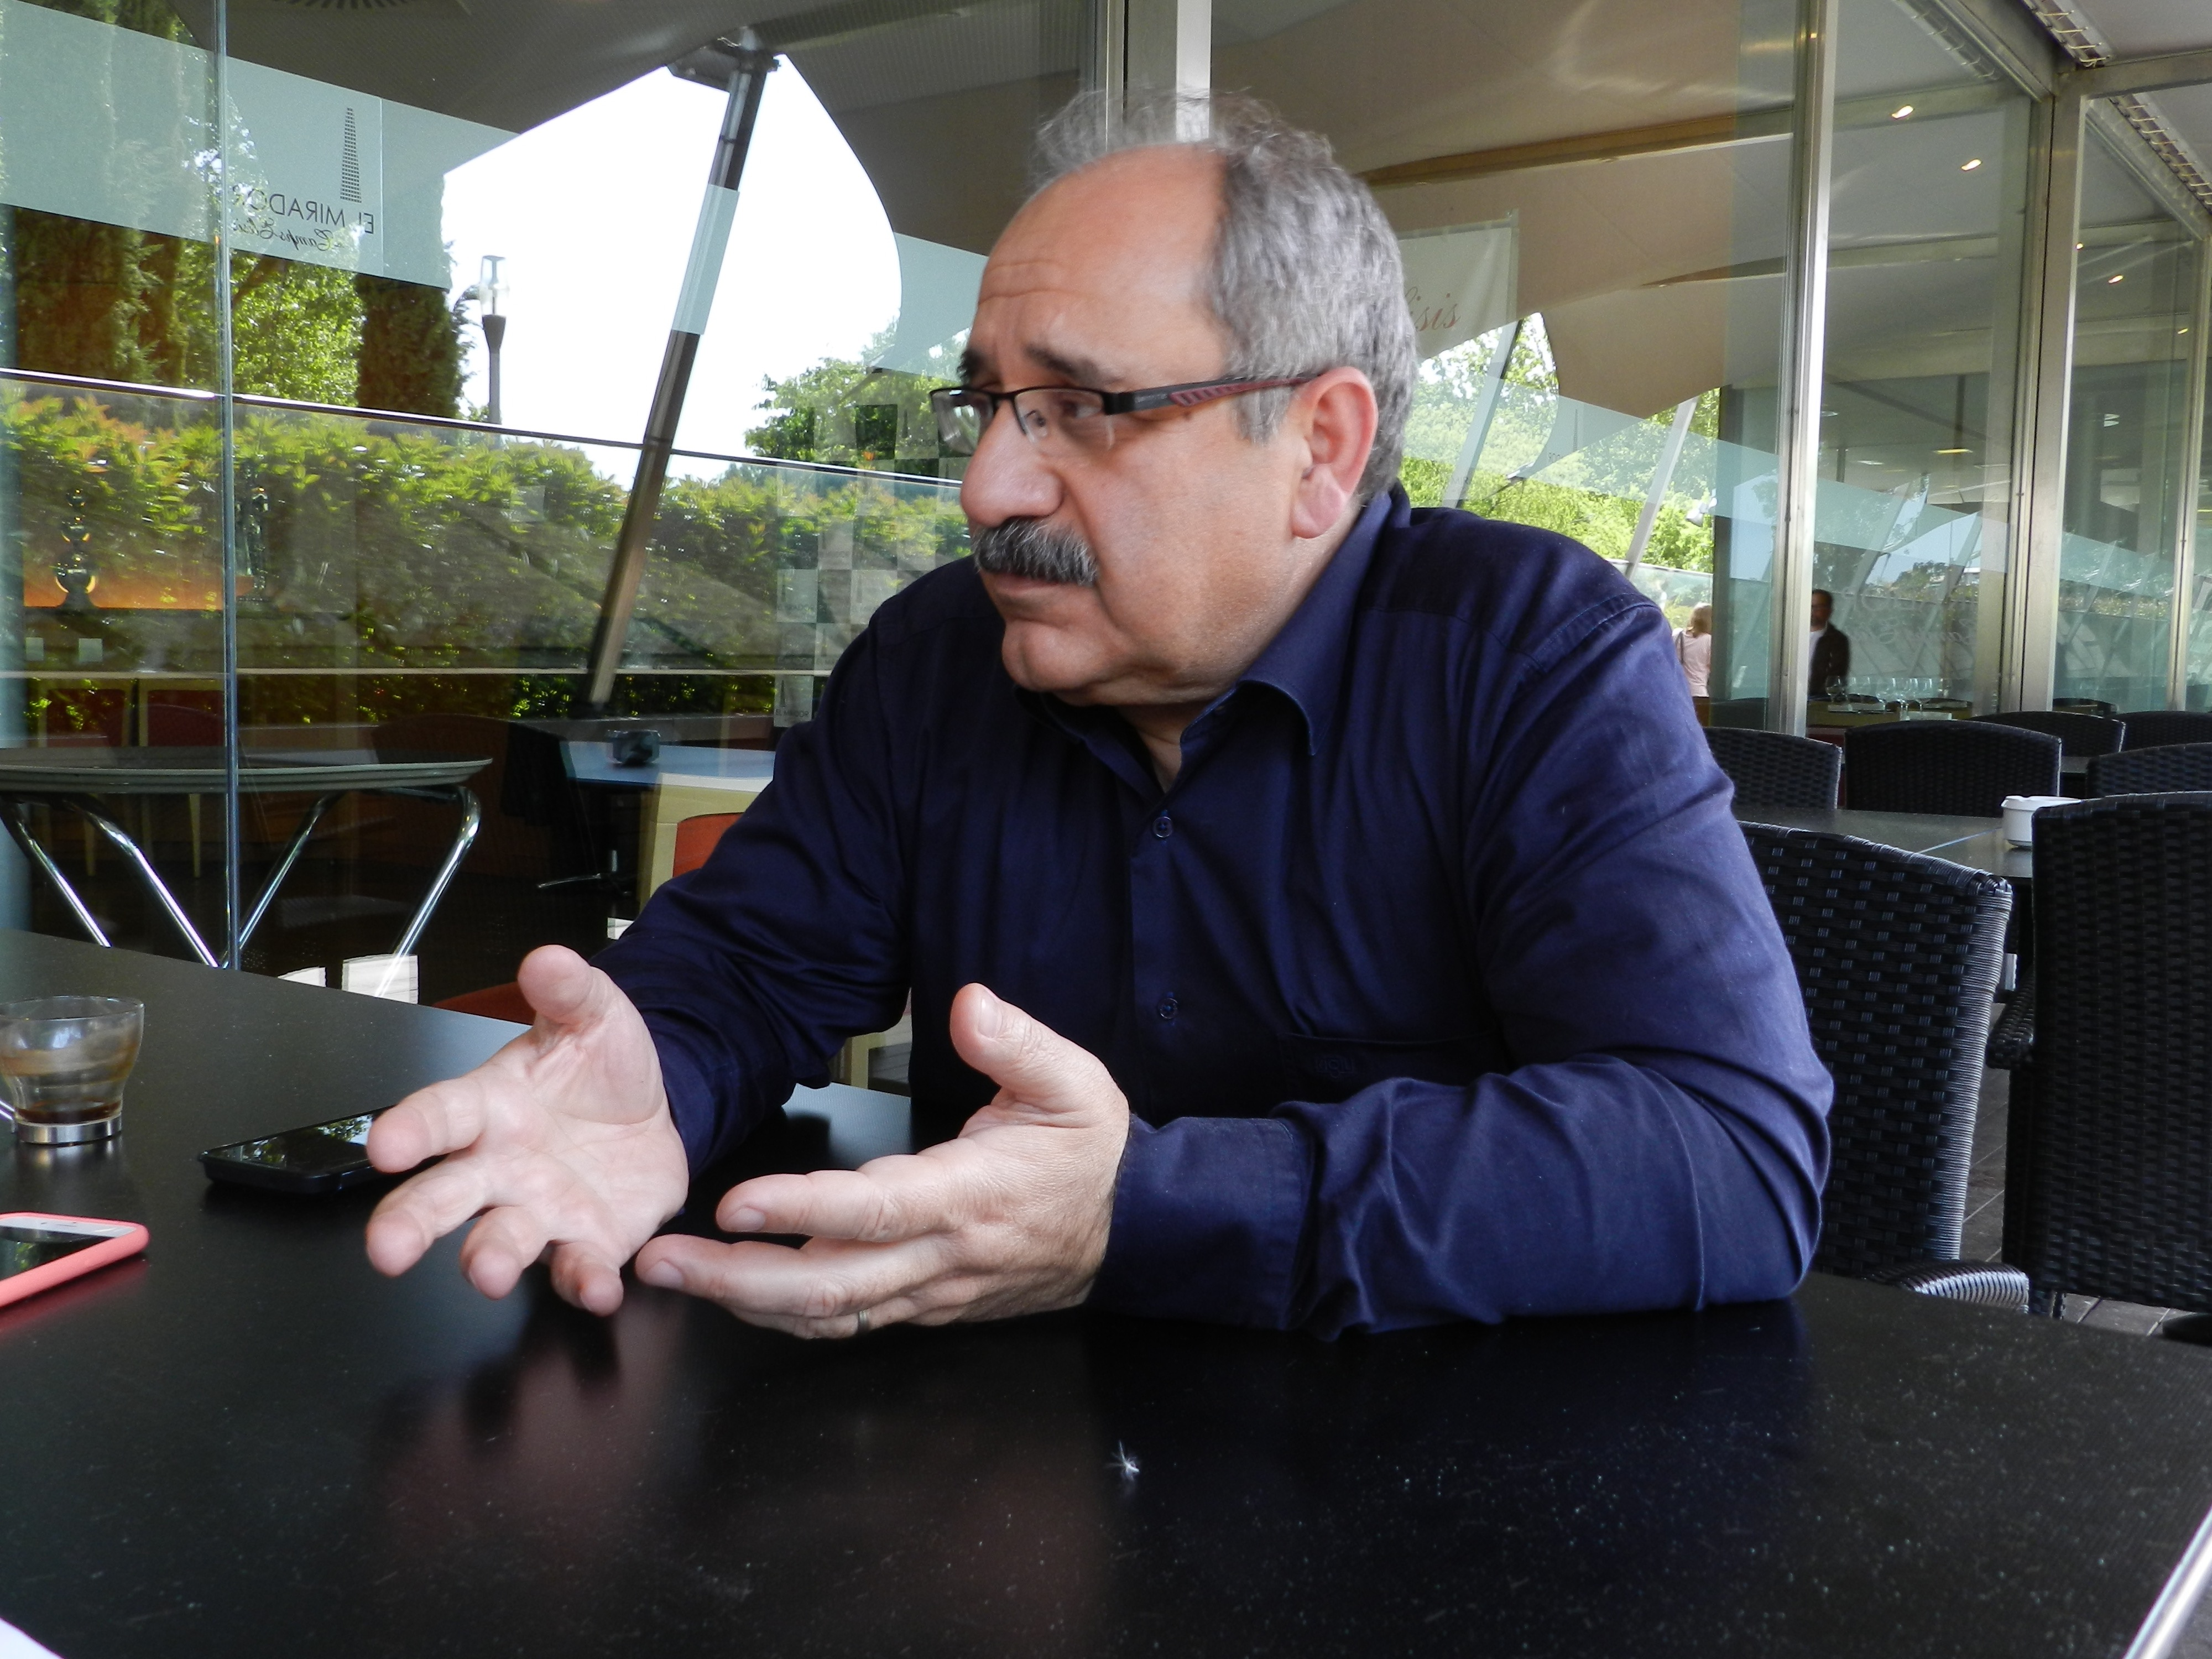 Dogan Tiliç durant l'entrevista | Foto: Col·legi de Periodistes